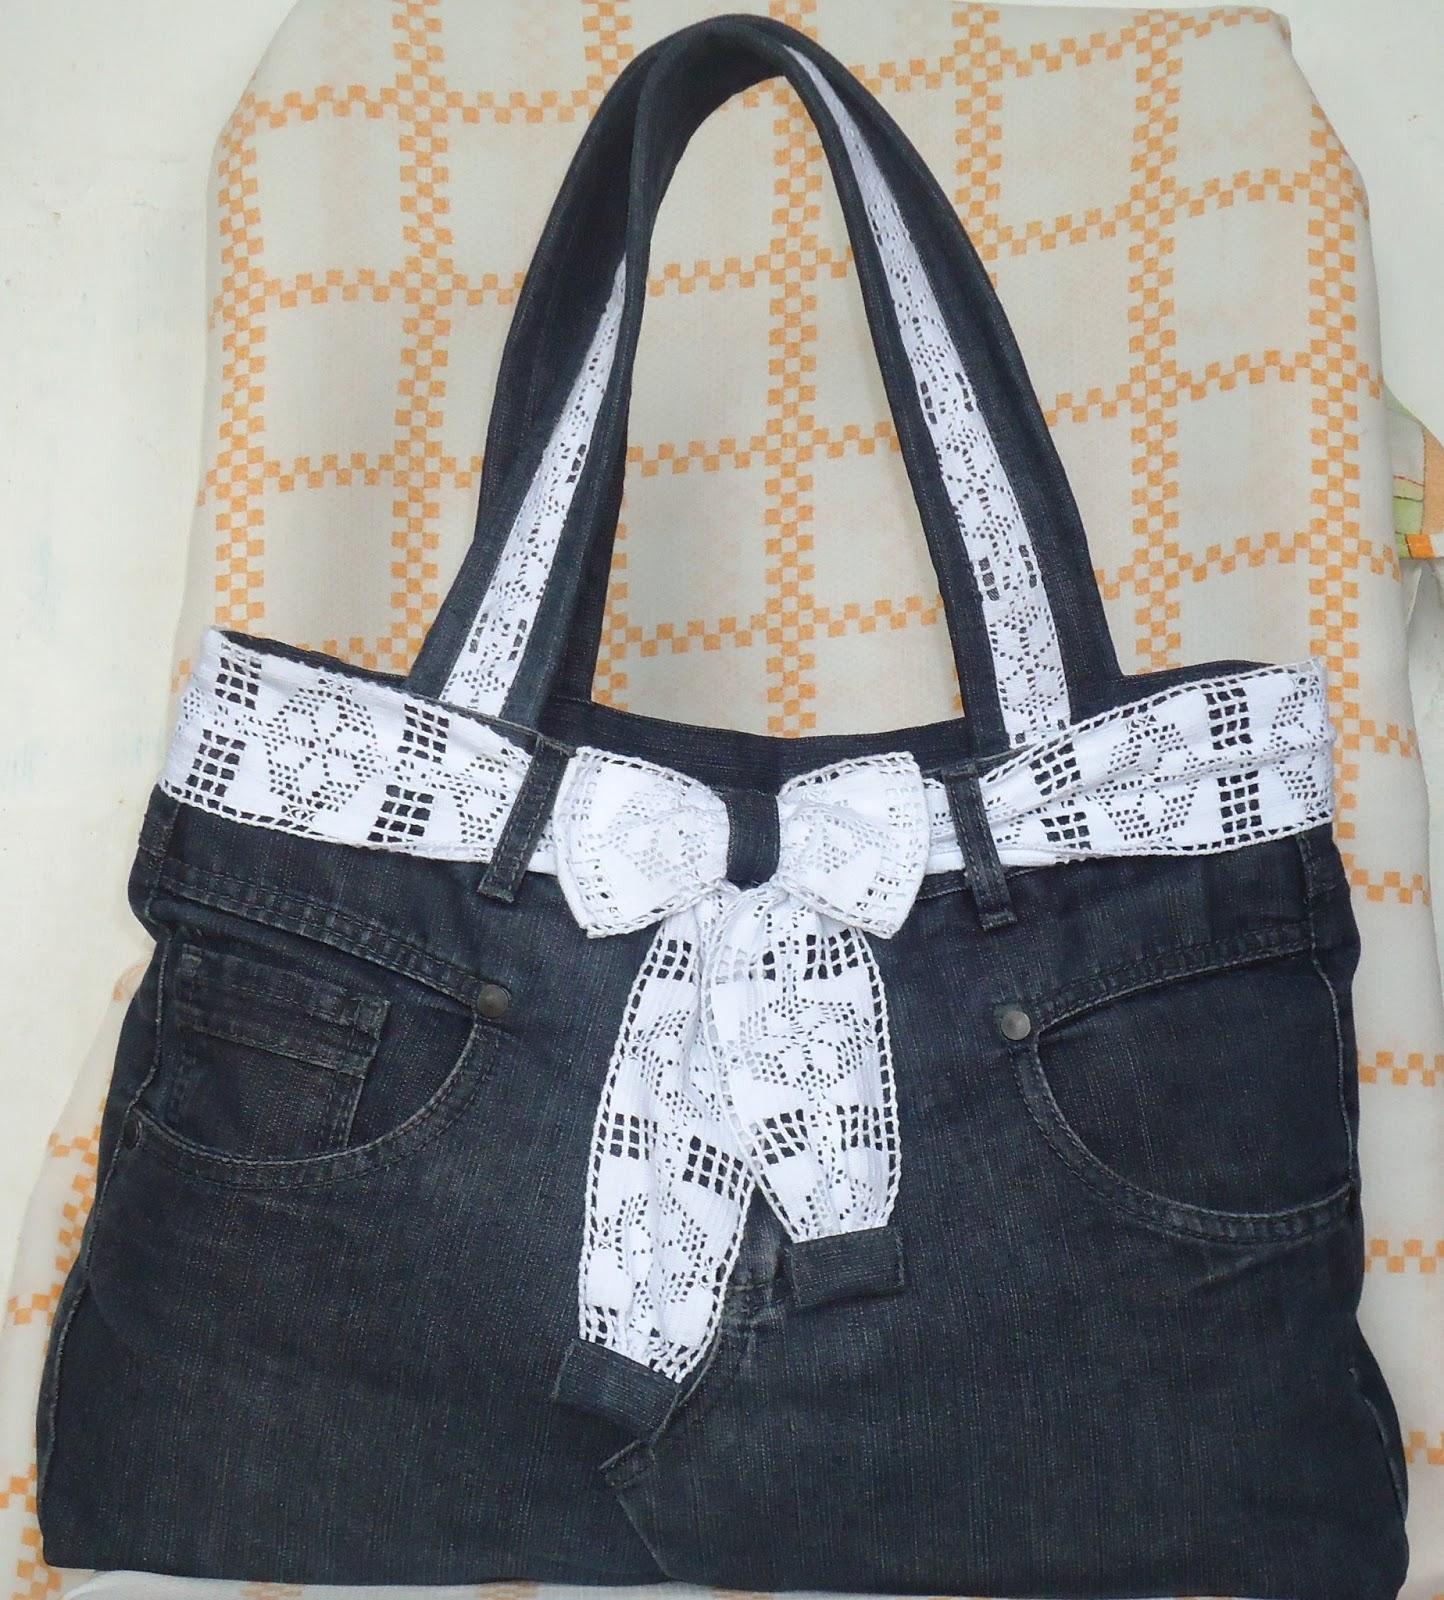 Bolsa De Tecido Jeans Passo A Passo : A modista bolsas artesanais bolsa de cal?a jeans